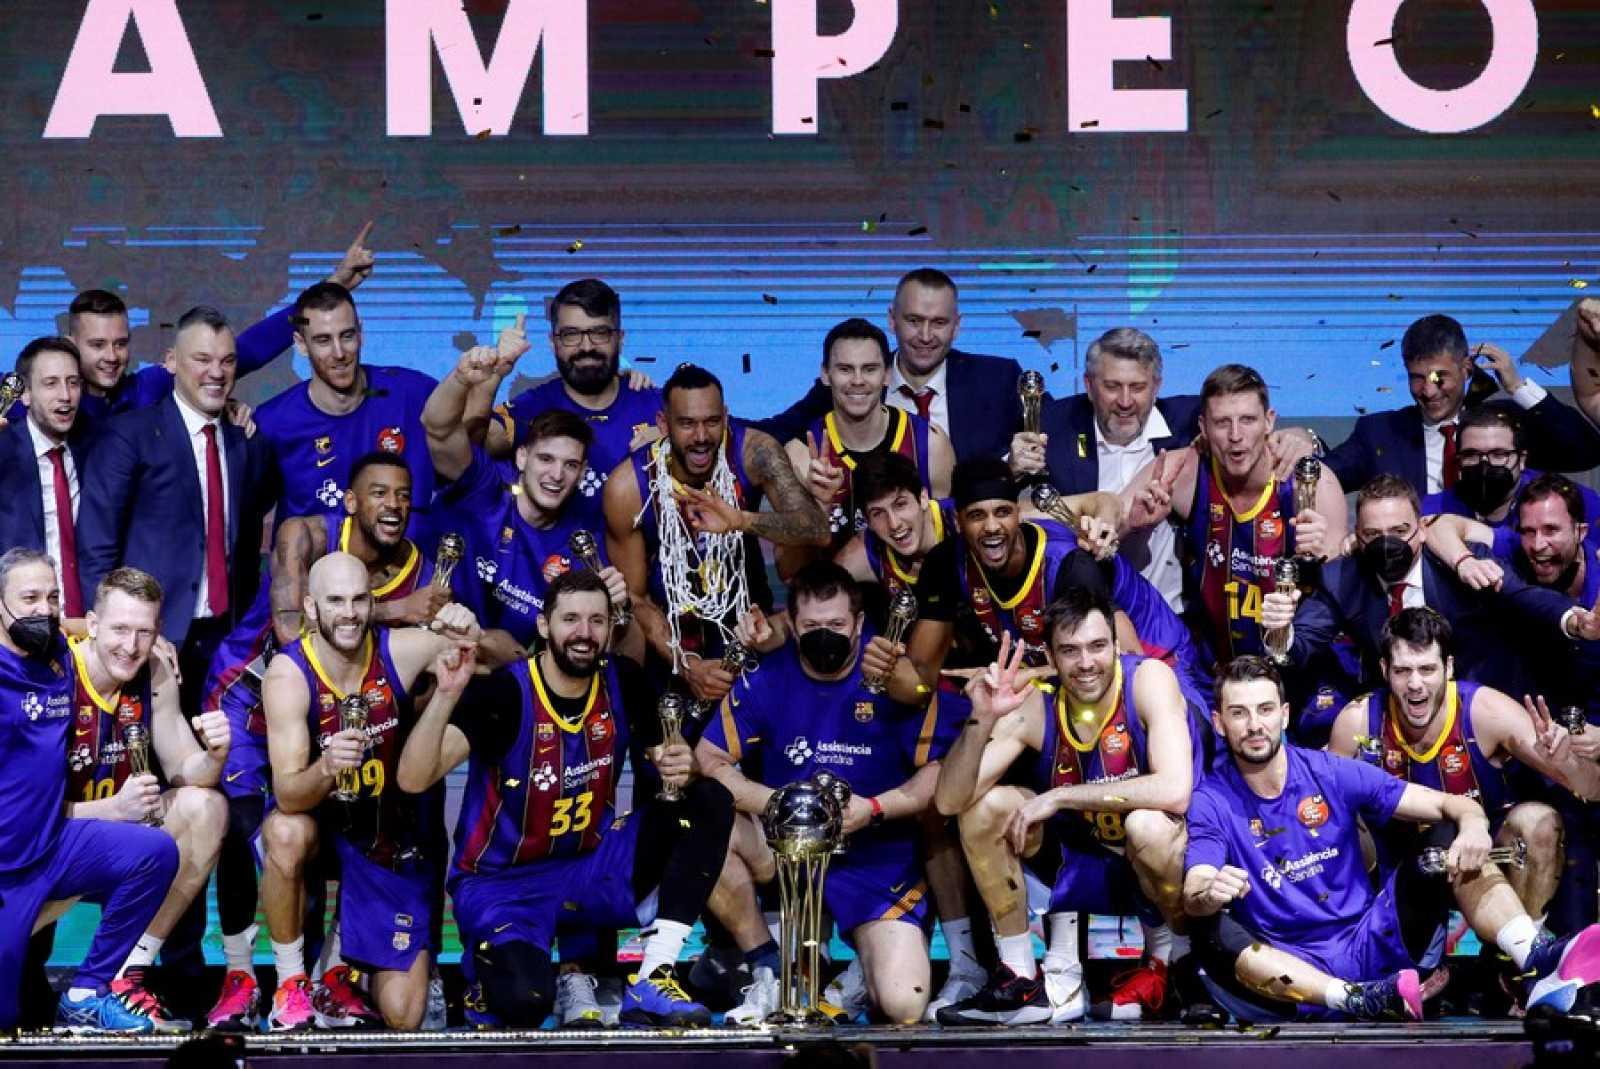 Tablero deportivo - El FC Barcelona gana la Copa del Rey de baloncesto - Escuchar ahora